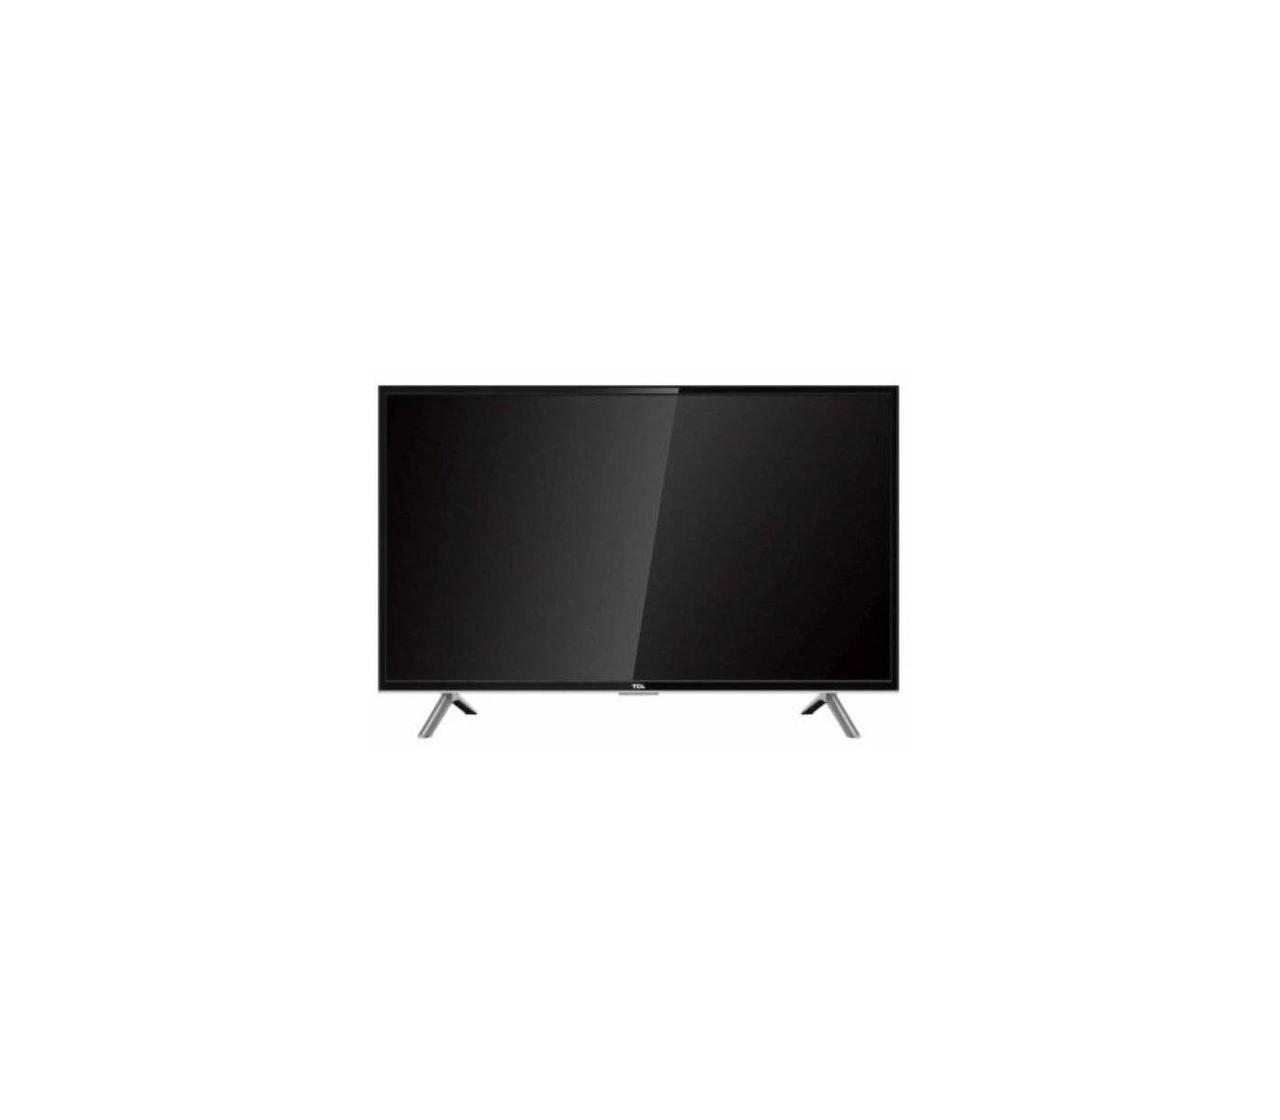 Телевизор LED Yasin Smart TV 81 см Black - фото 2